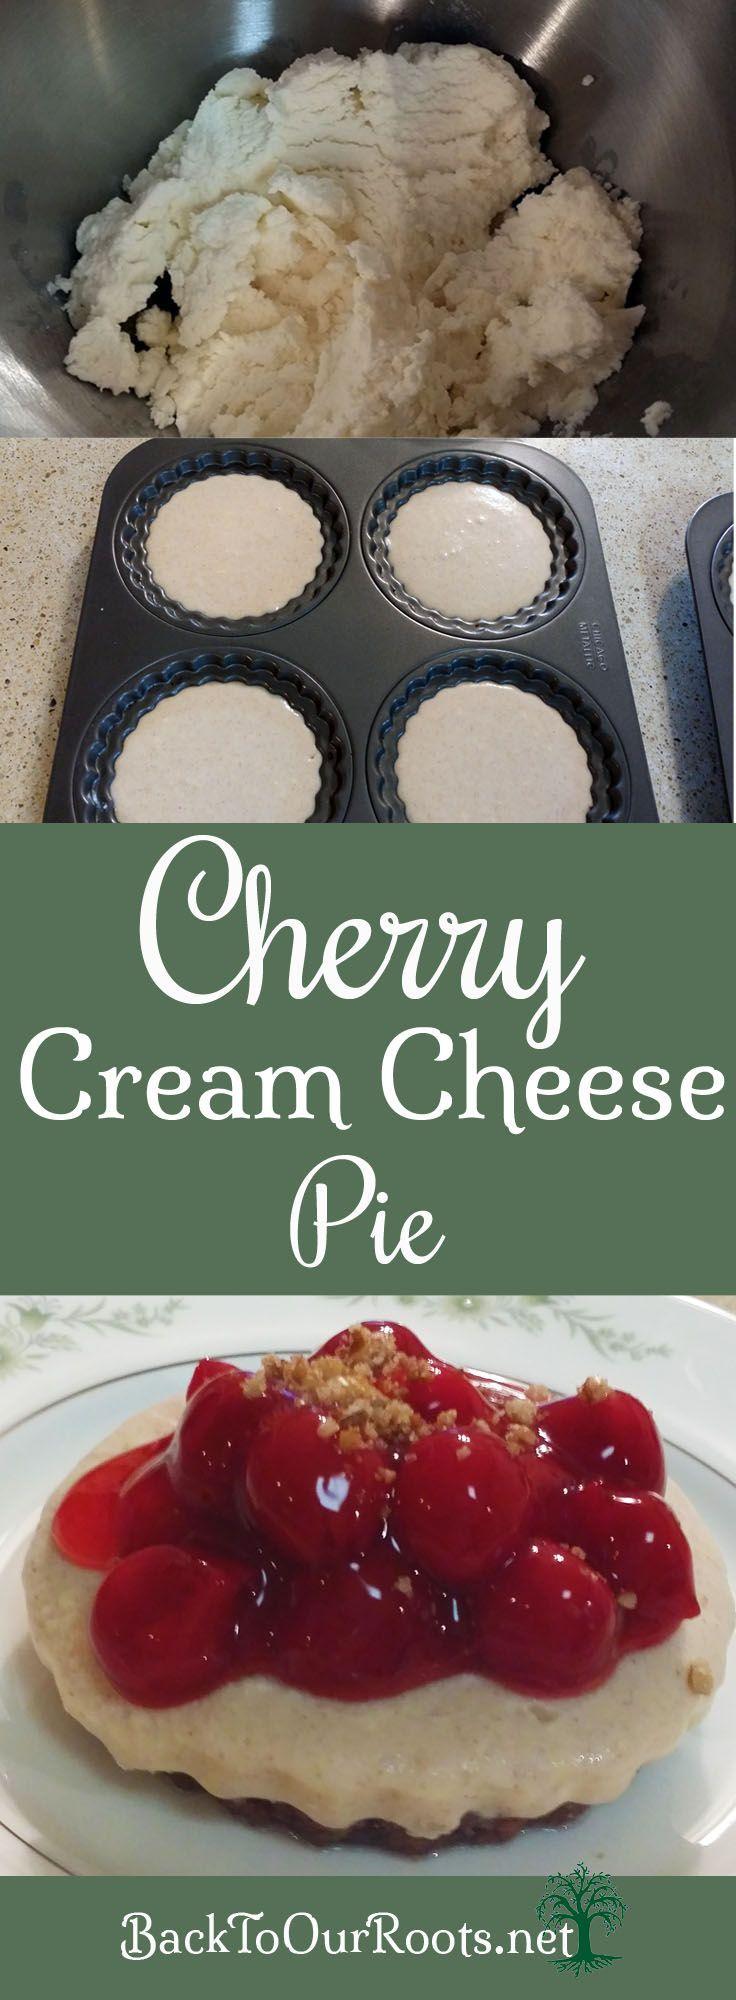 No Bake Cherry Cream Cheese Pie